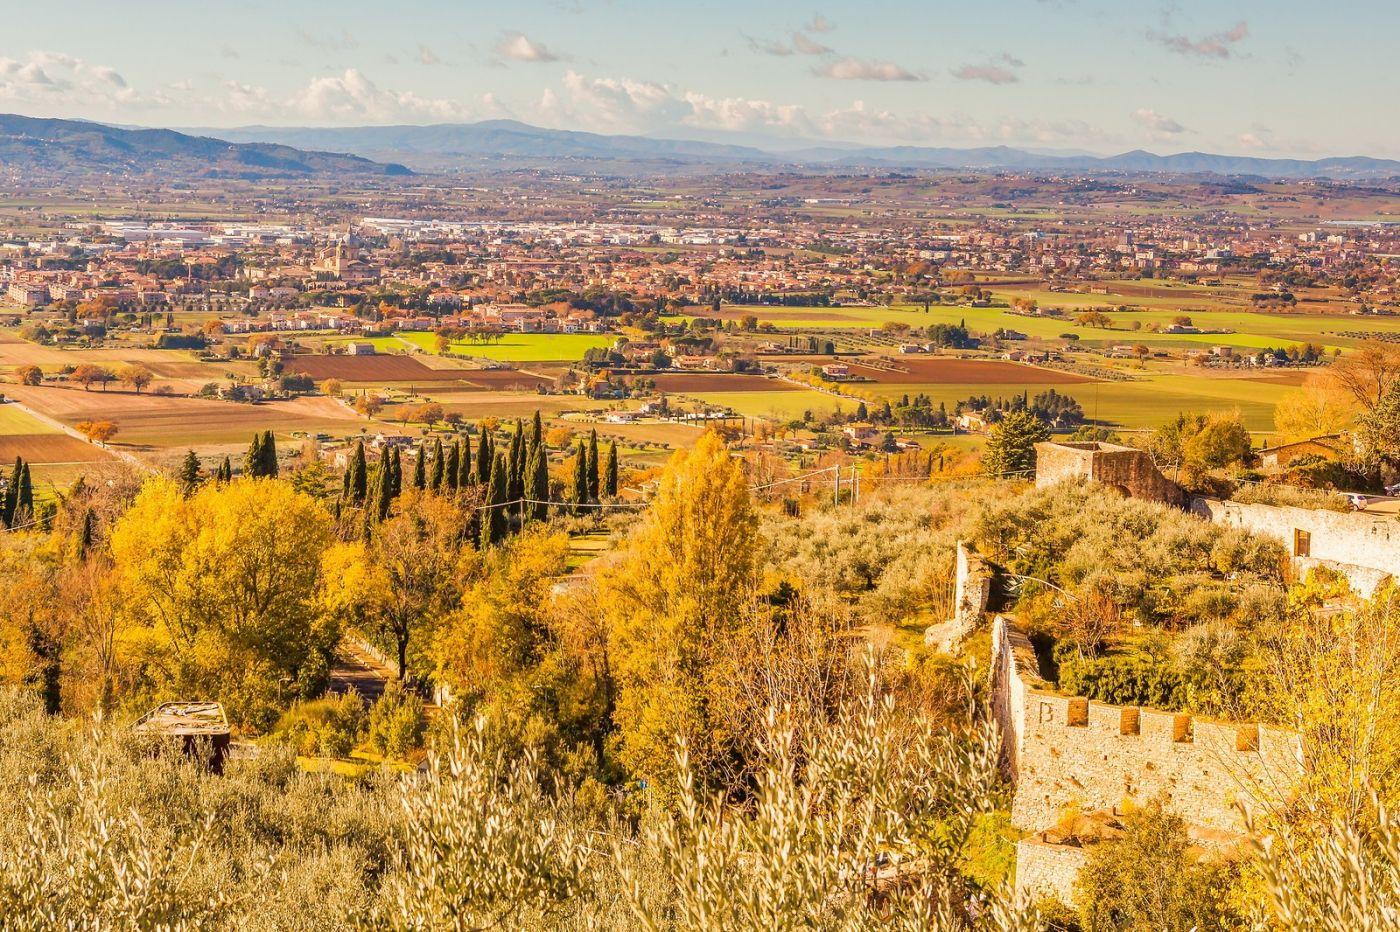 意大利阿西西(Assisi), 登高放眼_图1-7